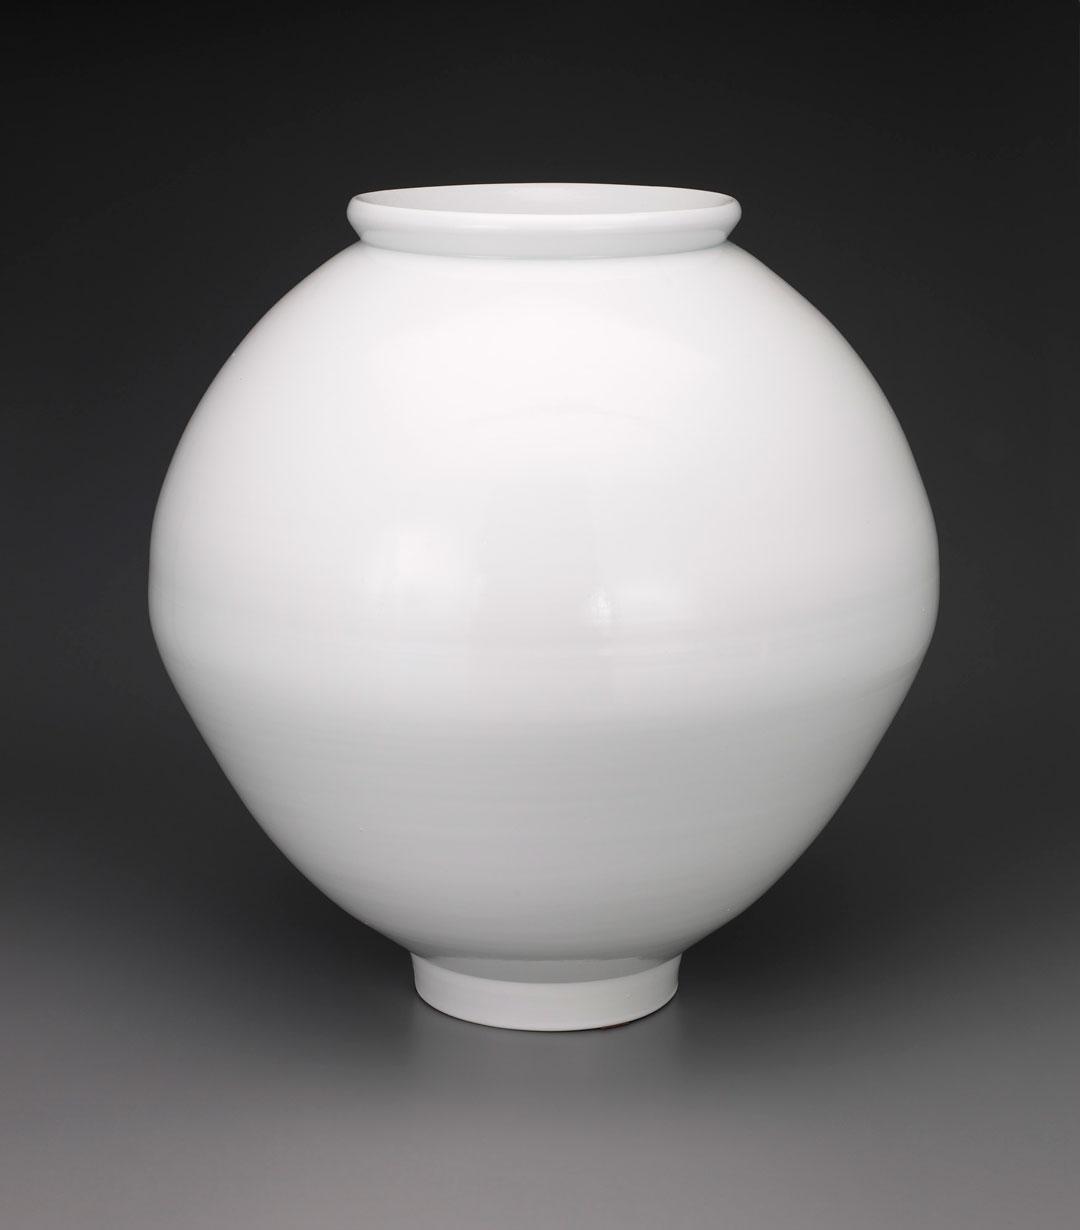 Object of the Week: Moon Jar